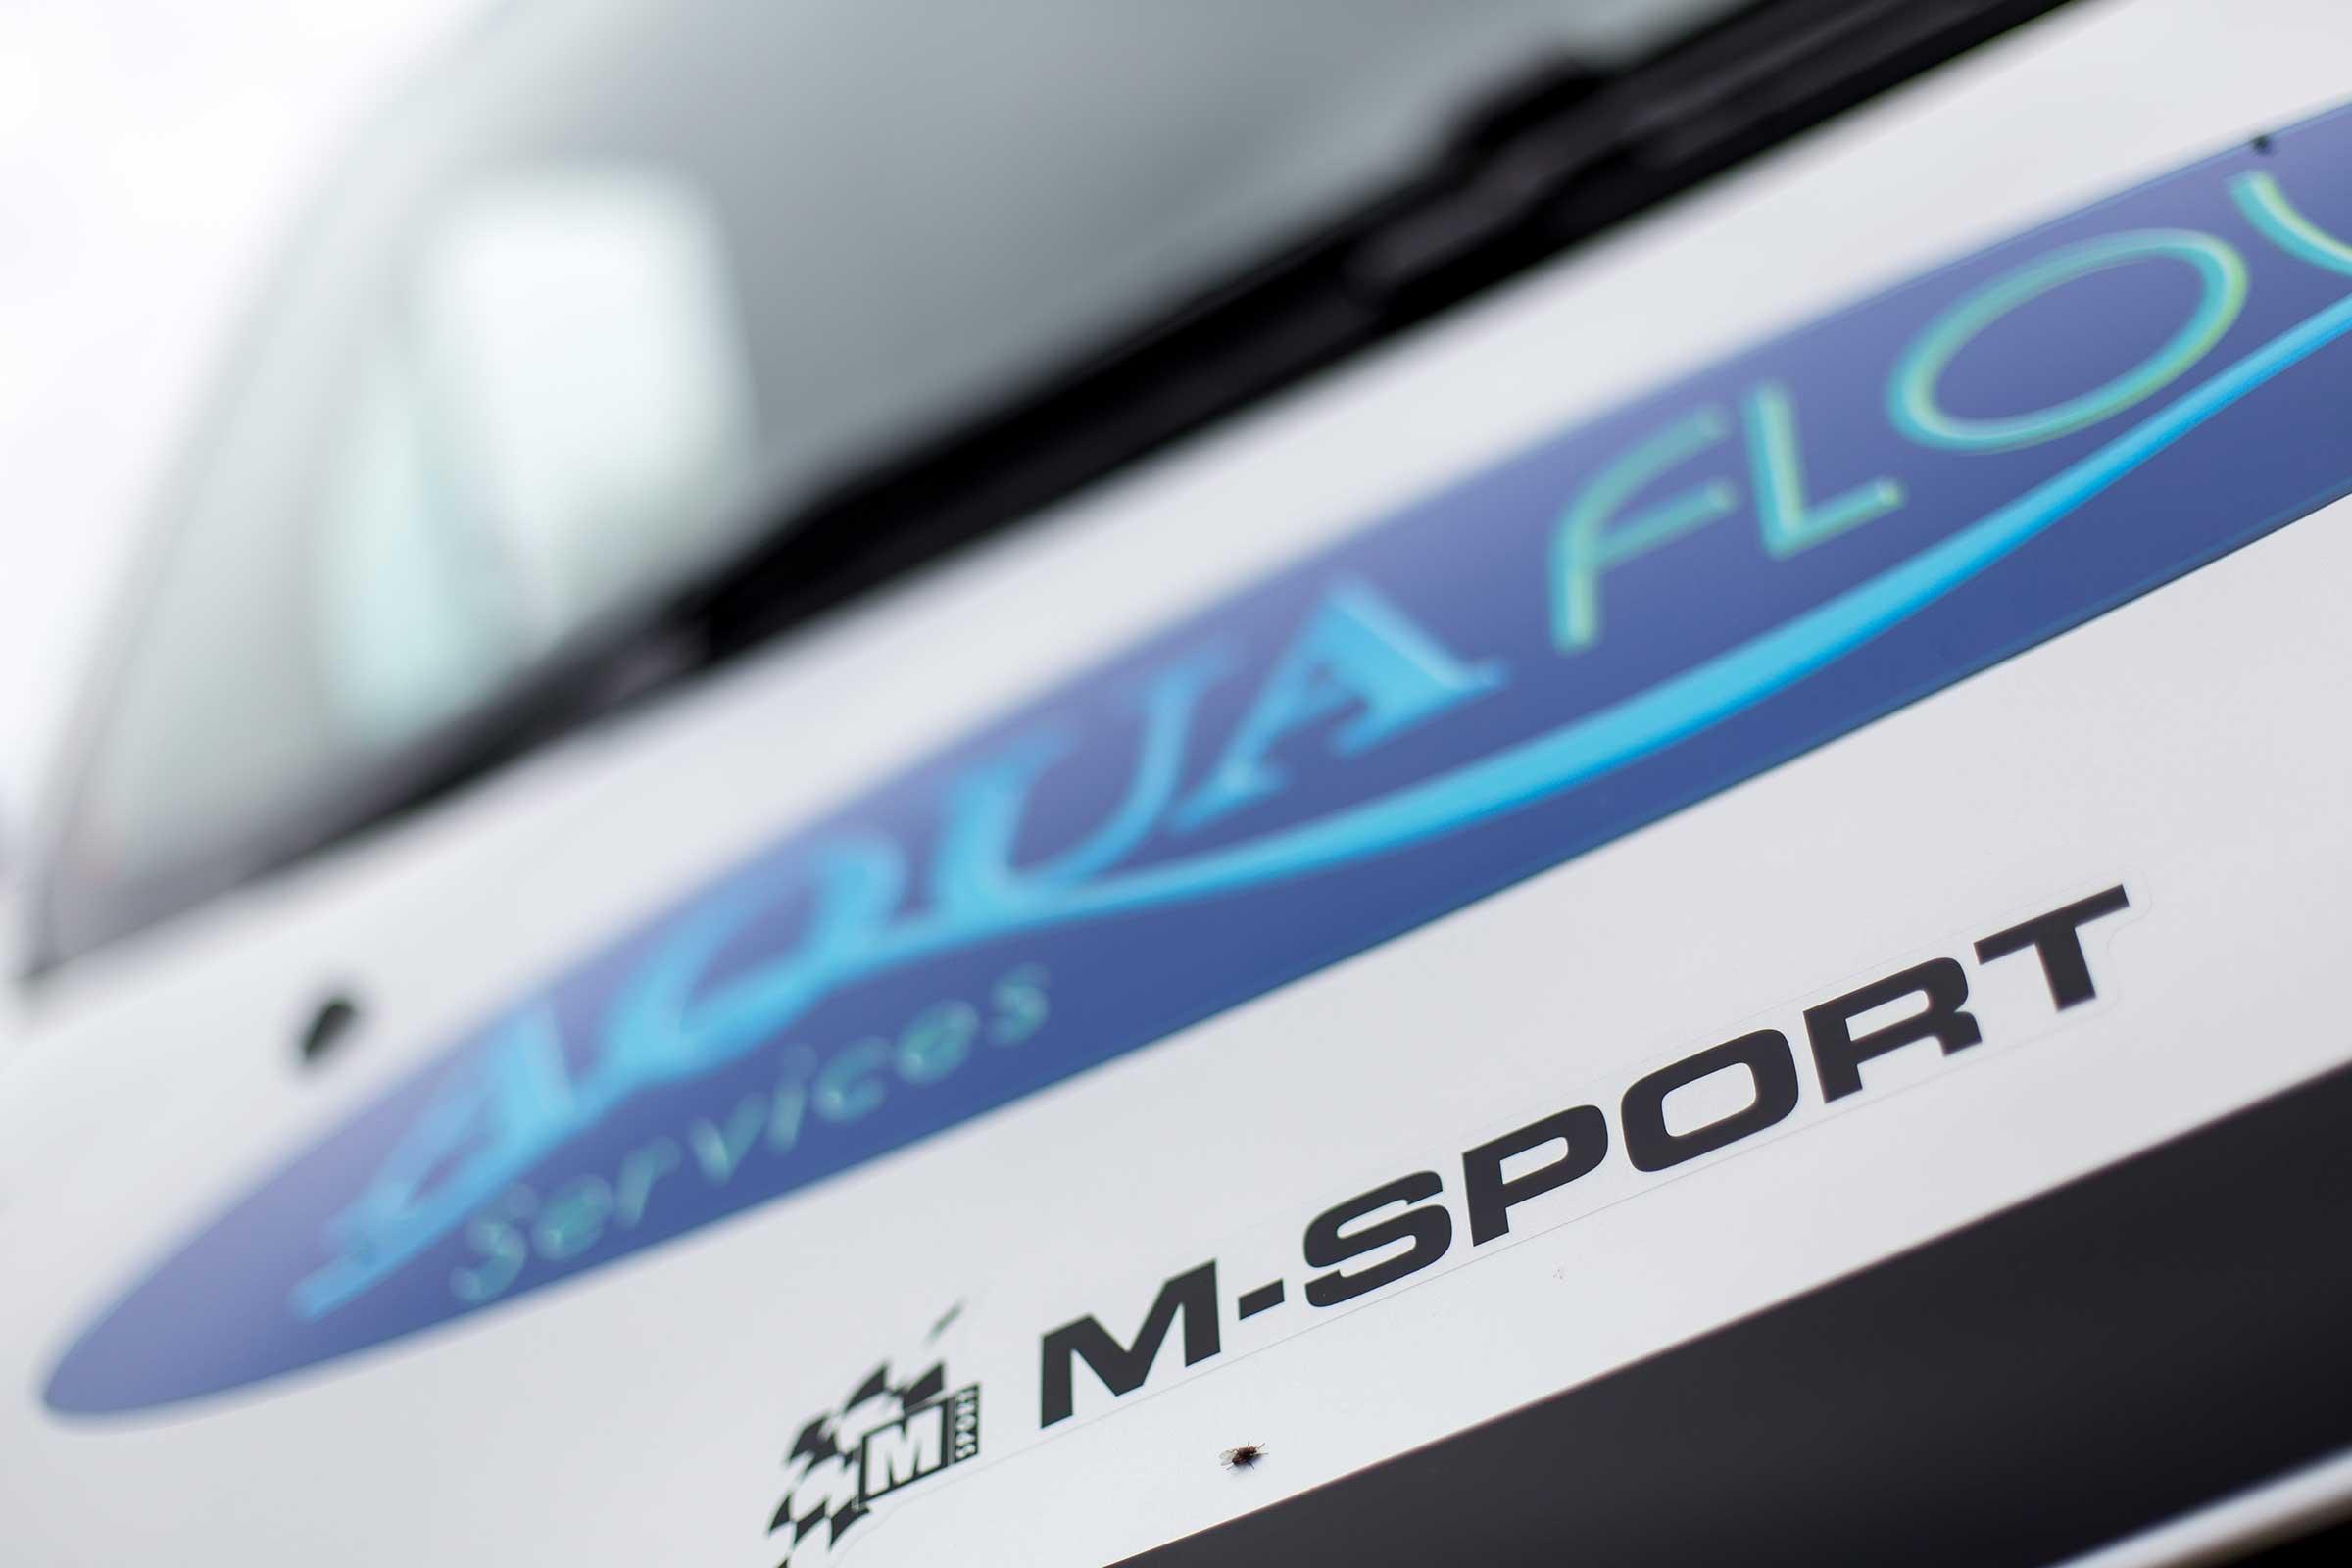 Aquaflow Services Transit M Sport abstract close up of bonnet